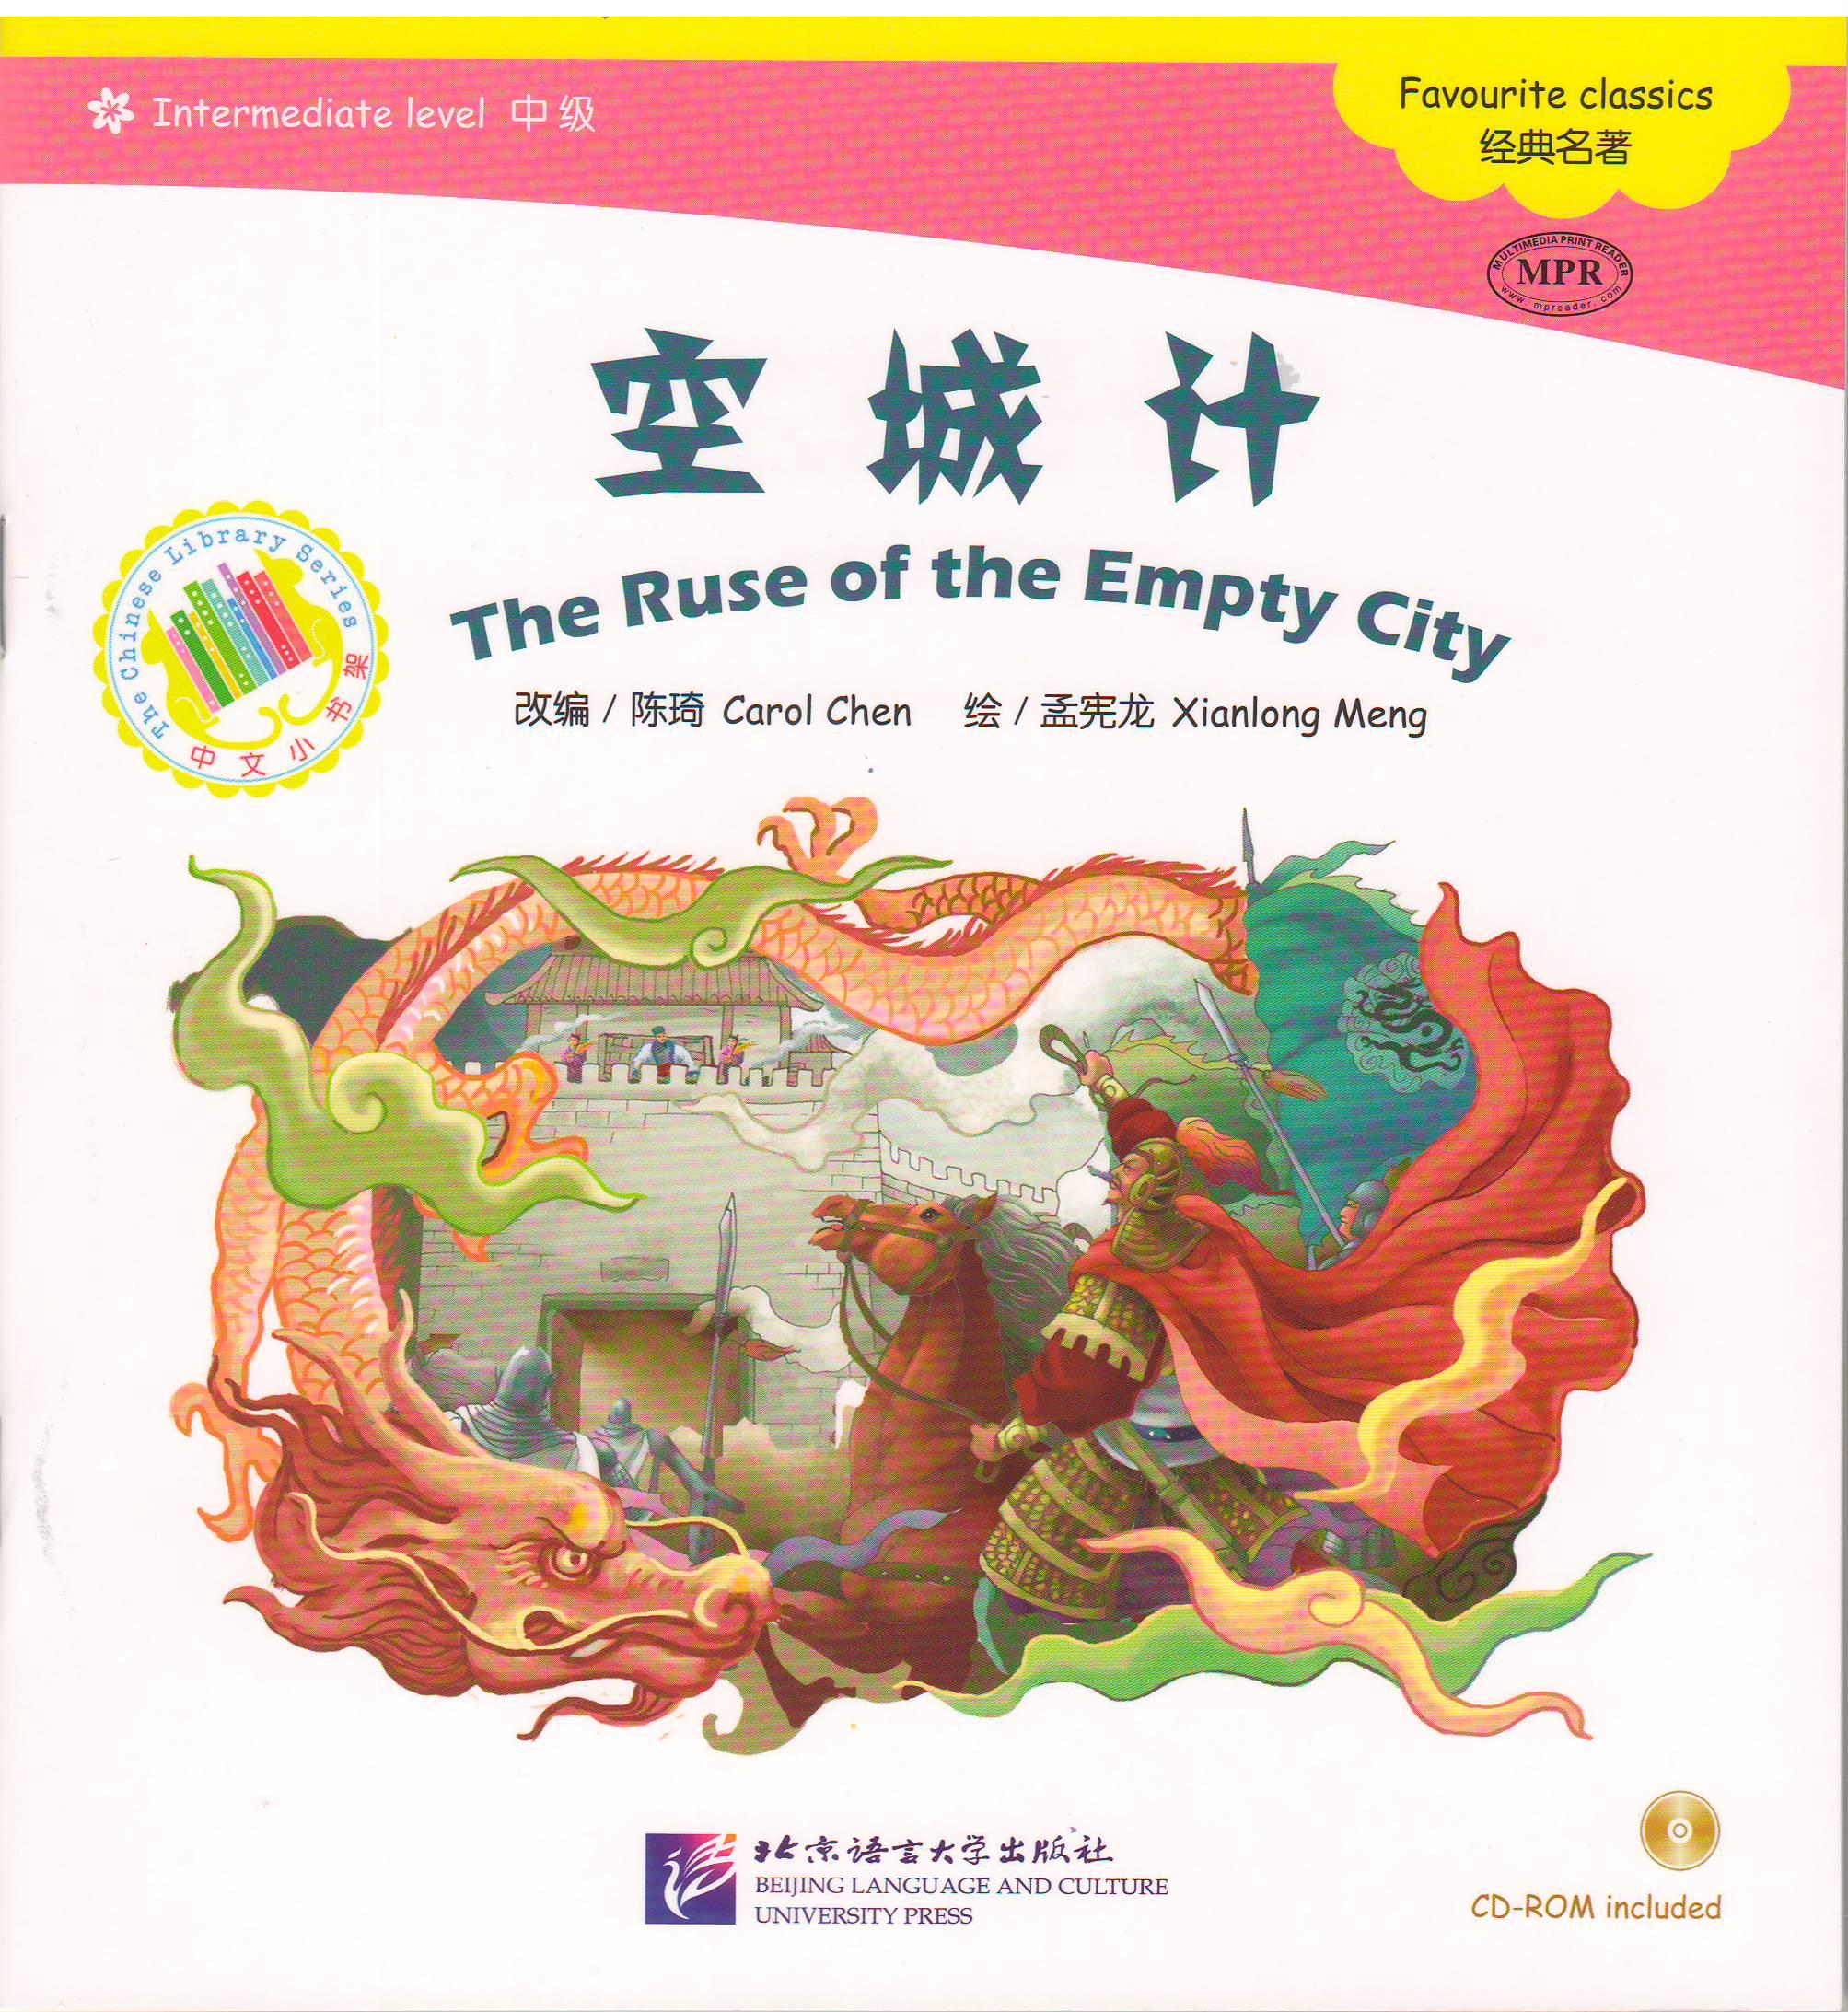 นิทานสามก๊ก ตอนอุบายเมืองเปล่า (The Ruse of the Empty City) +CD